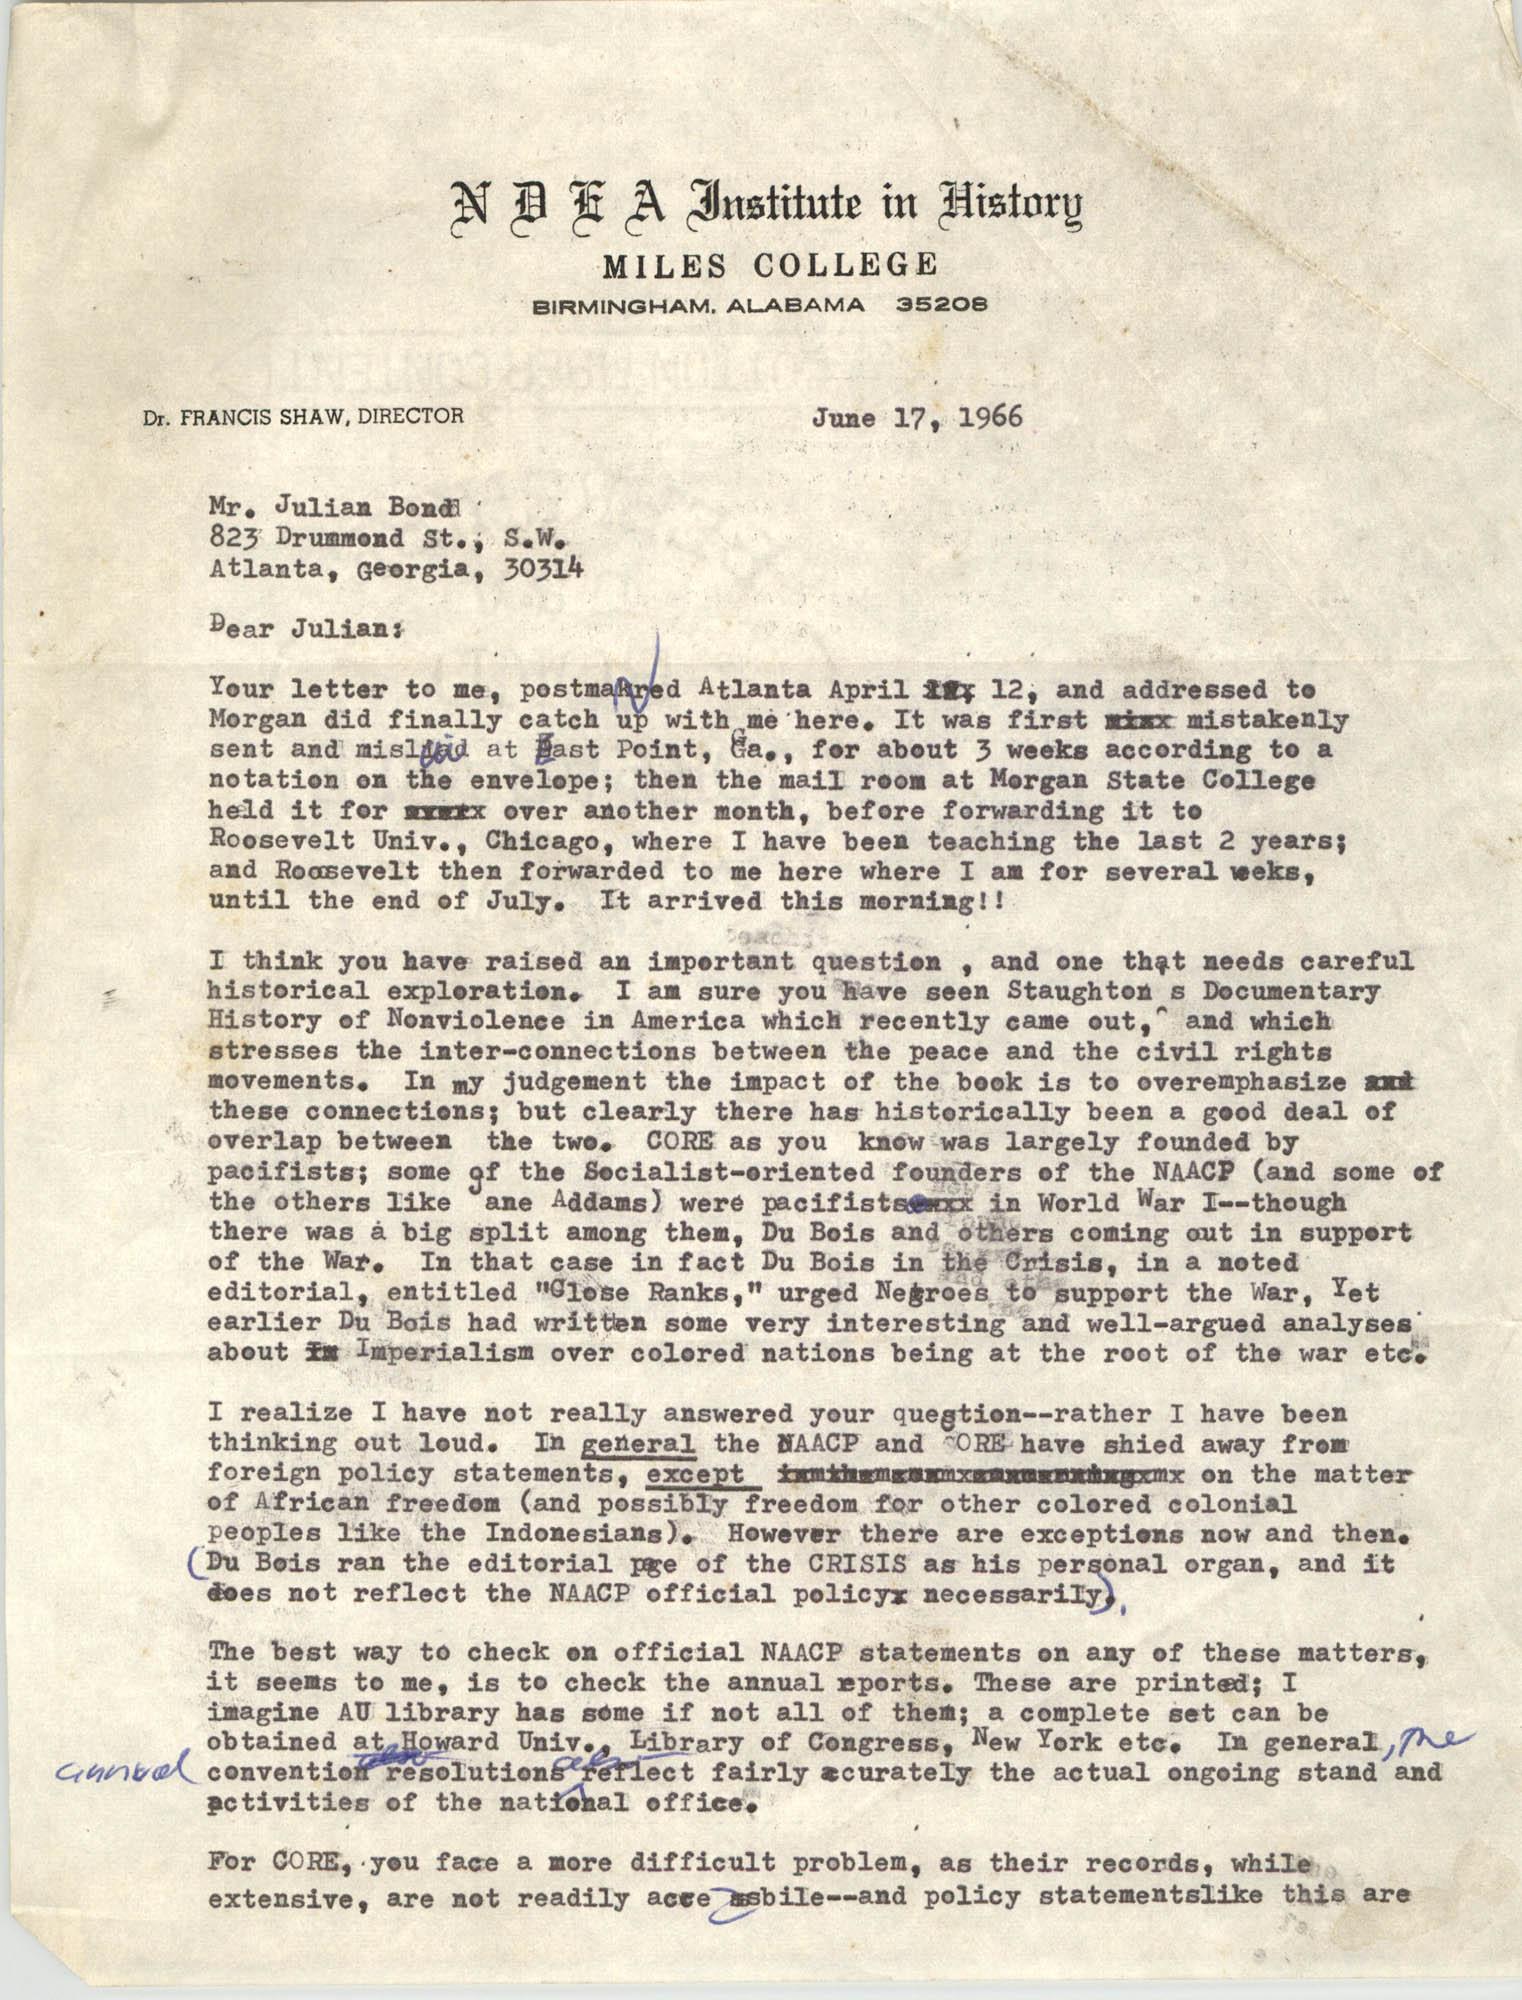 Letter August Meier to Julian Bond, June 17, 1966